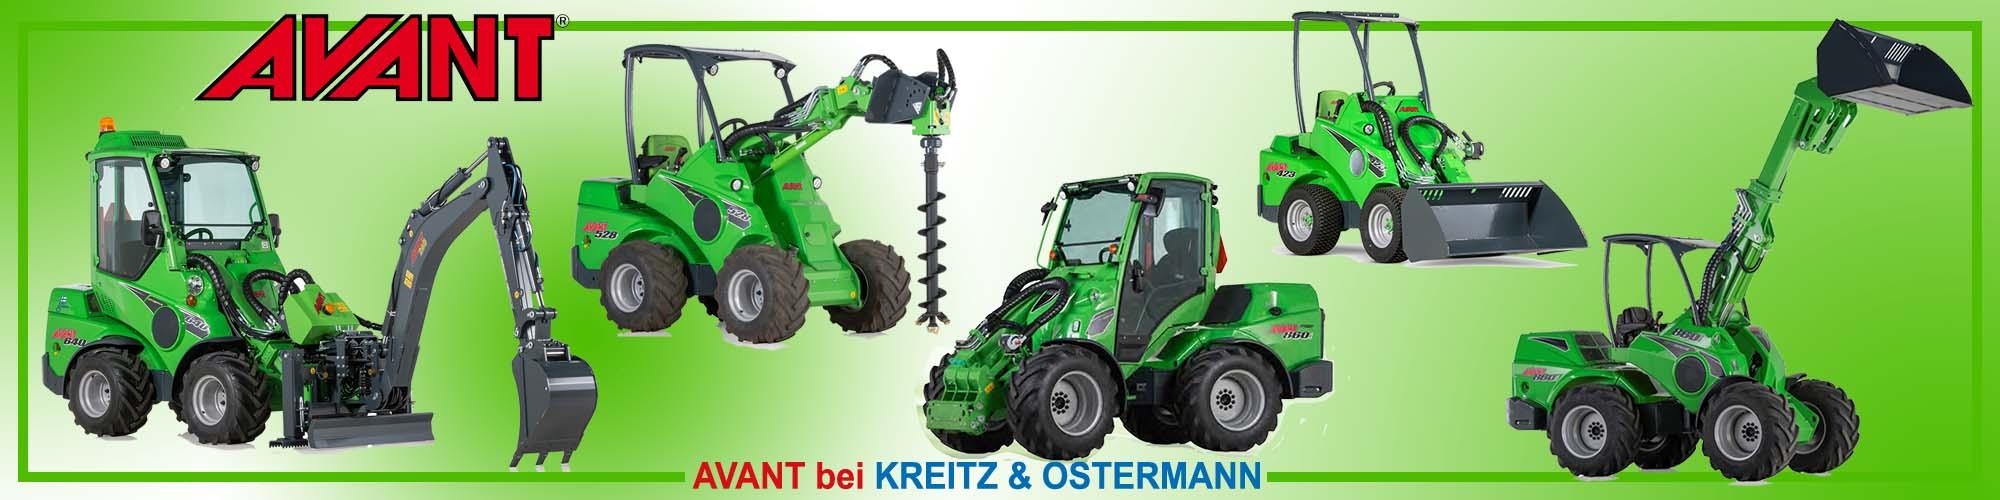 Avant bei Kreitz & Ostermann